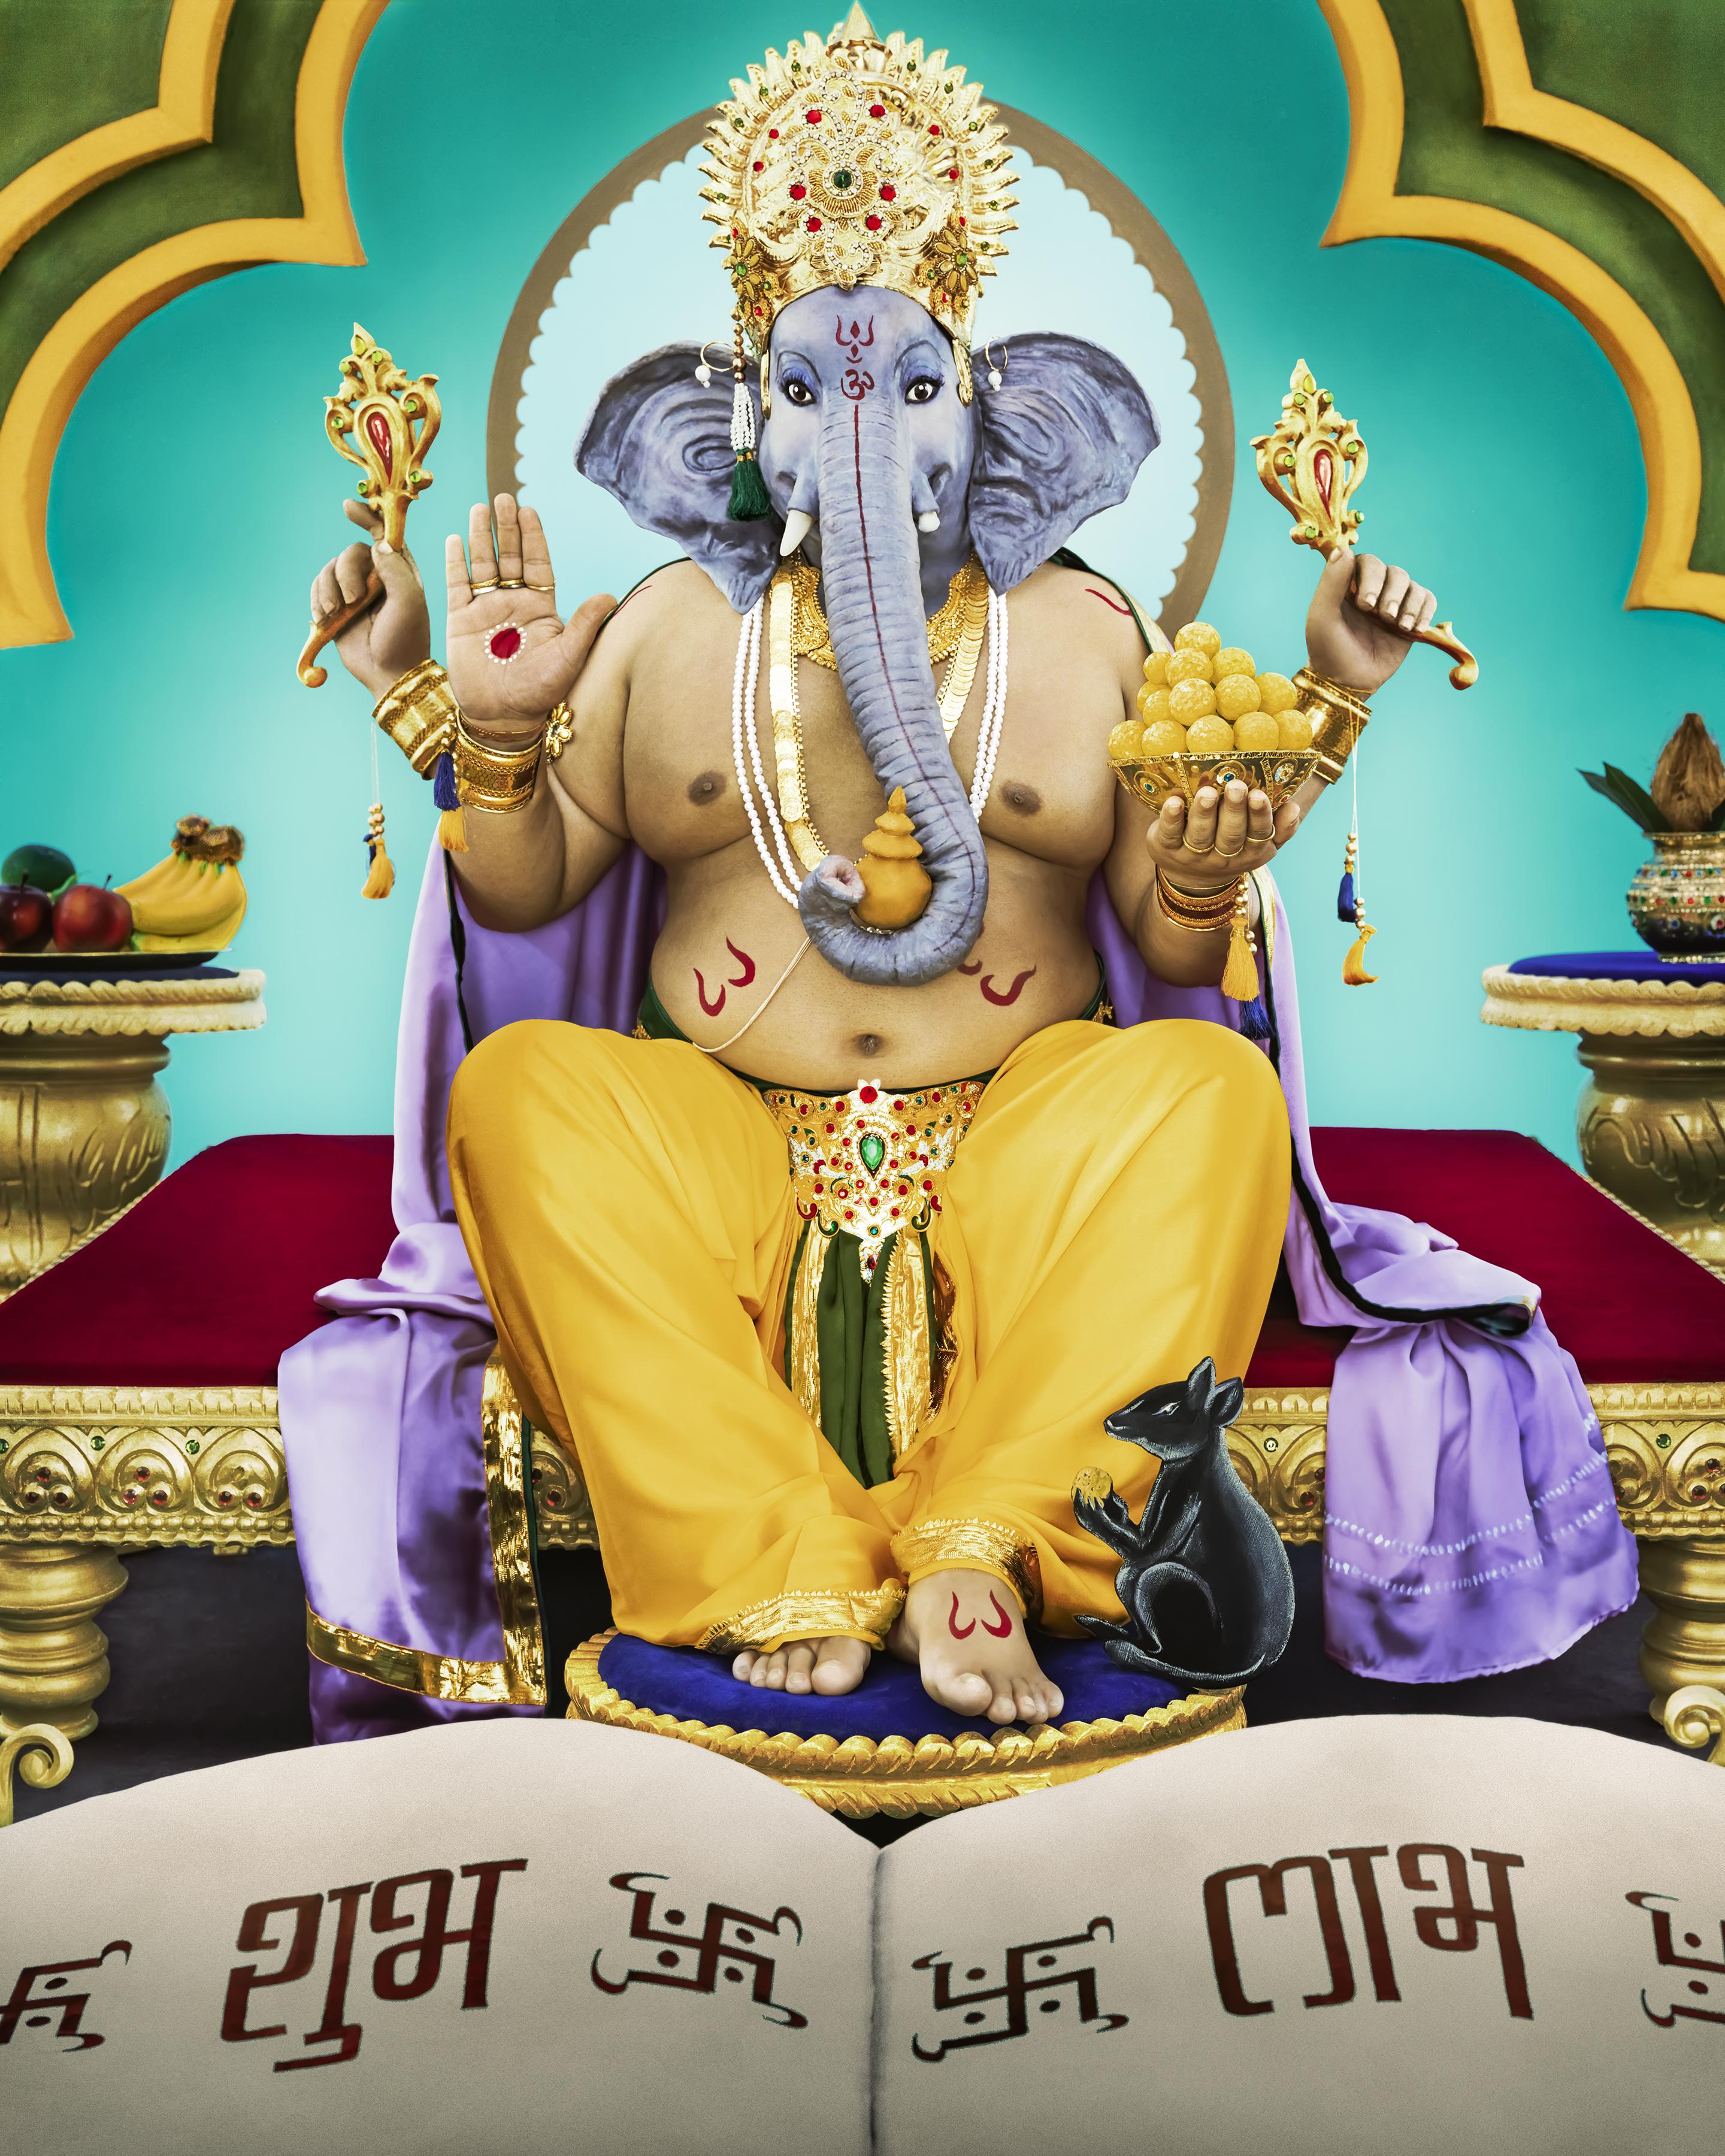 2013-09-11-ManjariSharma_LordGanesha_HighRes.jpg